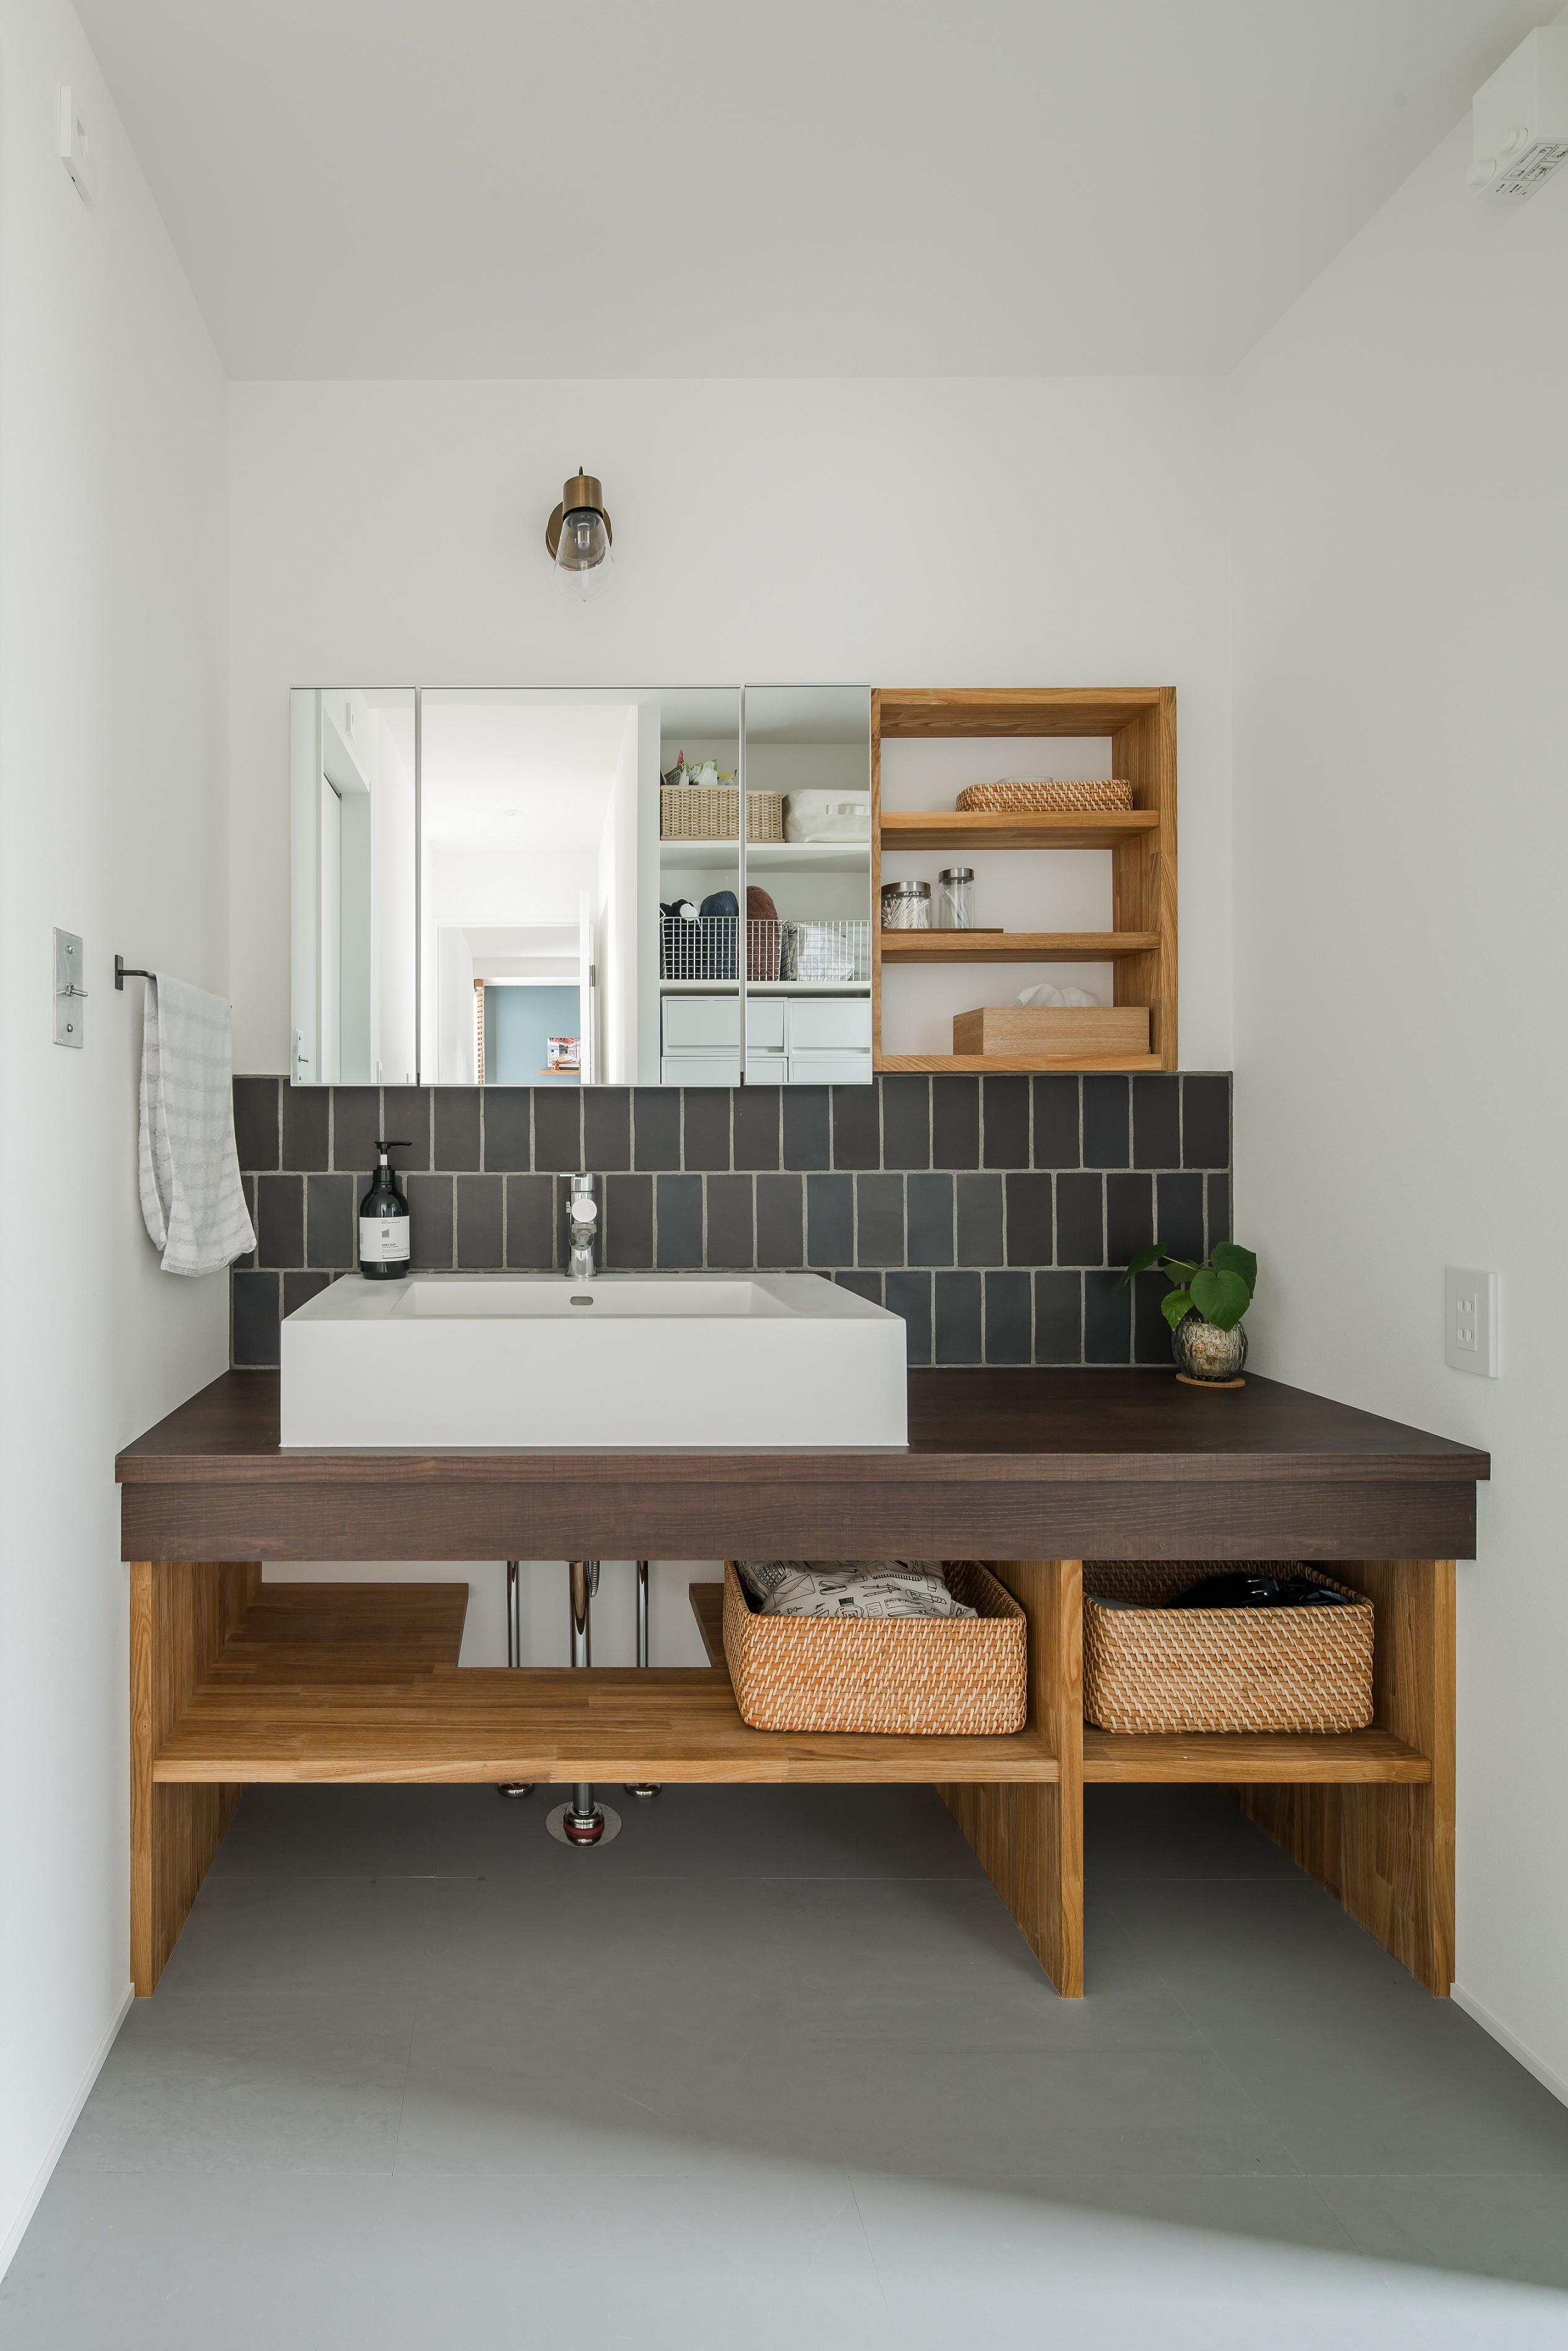 その他事例:造作洗面化粧台(上笠の家(インナーガレージでプライベート空間を作りつつも開放的なリビングのある家))